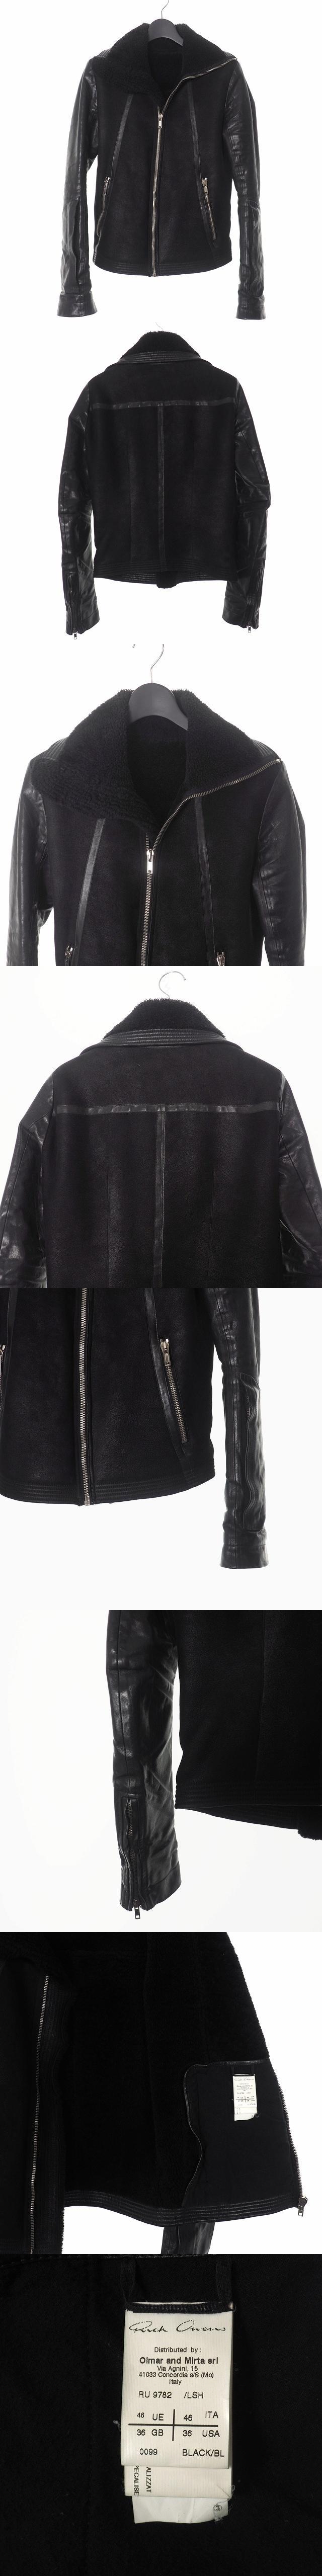 ムートンライダース ジャケット ブルゾン カーフレザー 46 黒 ブラック RU9782 国内正規